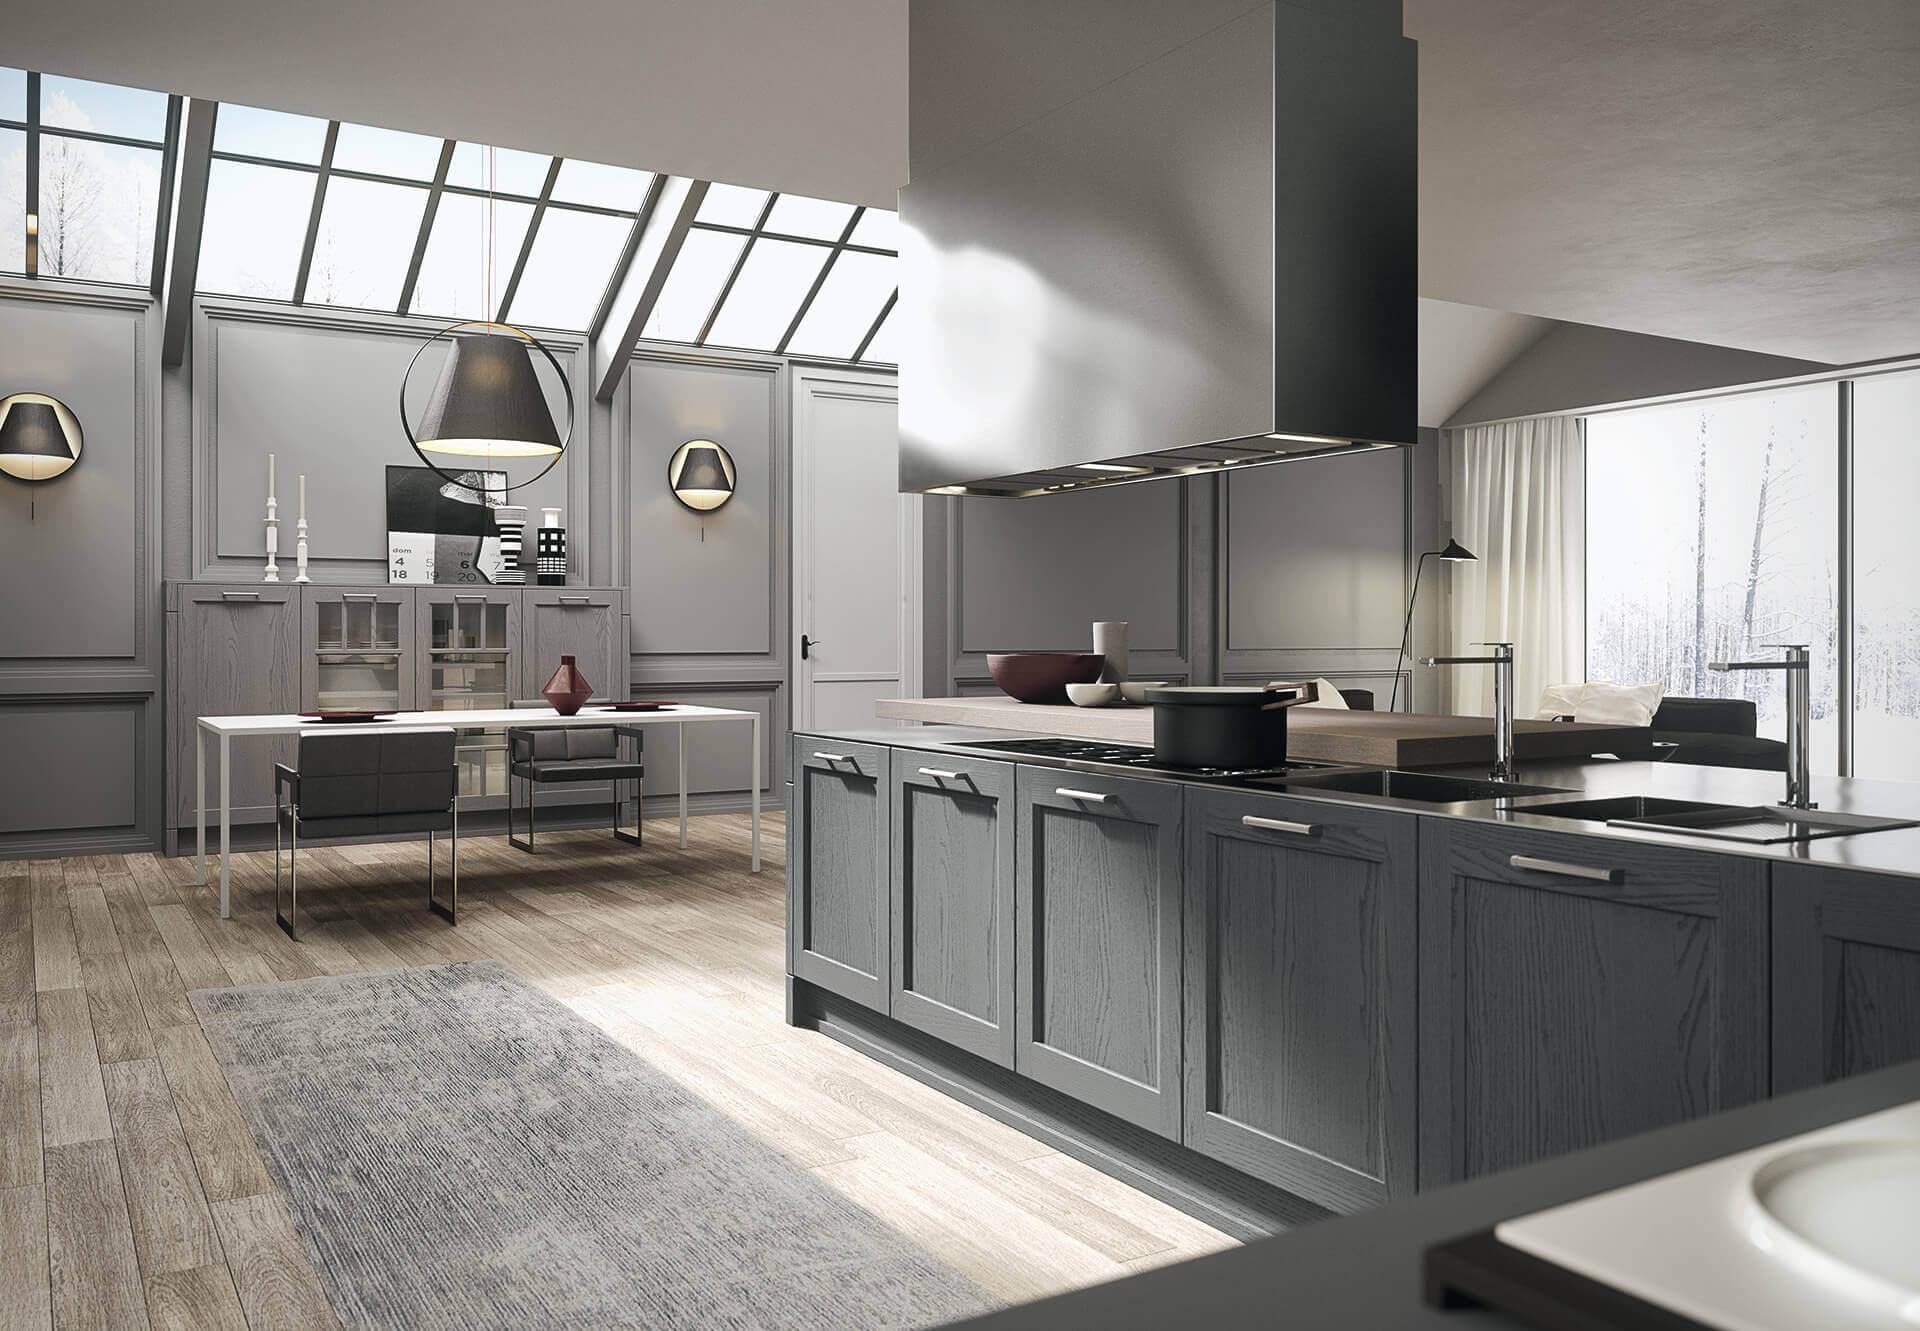 Opinioni Su Arrital Cucine arrital cucine country design italiano arrital | village